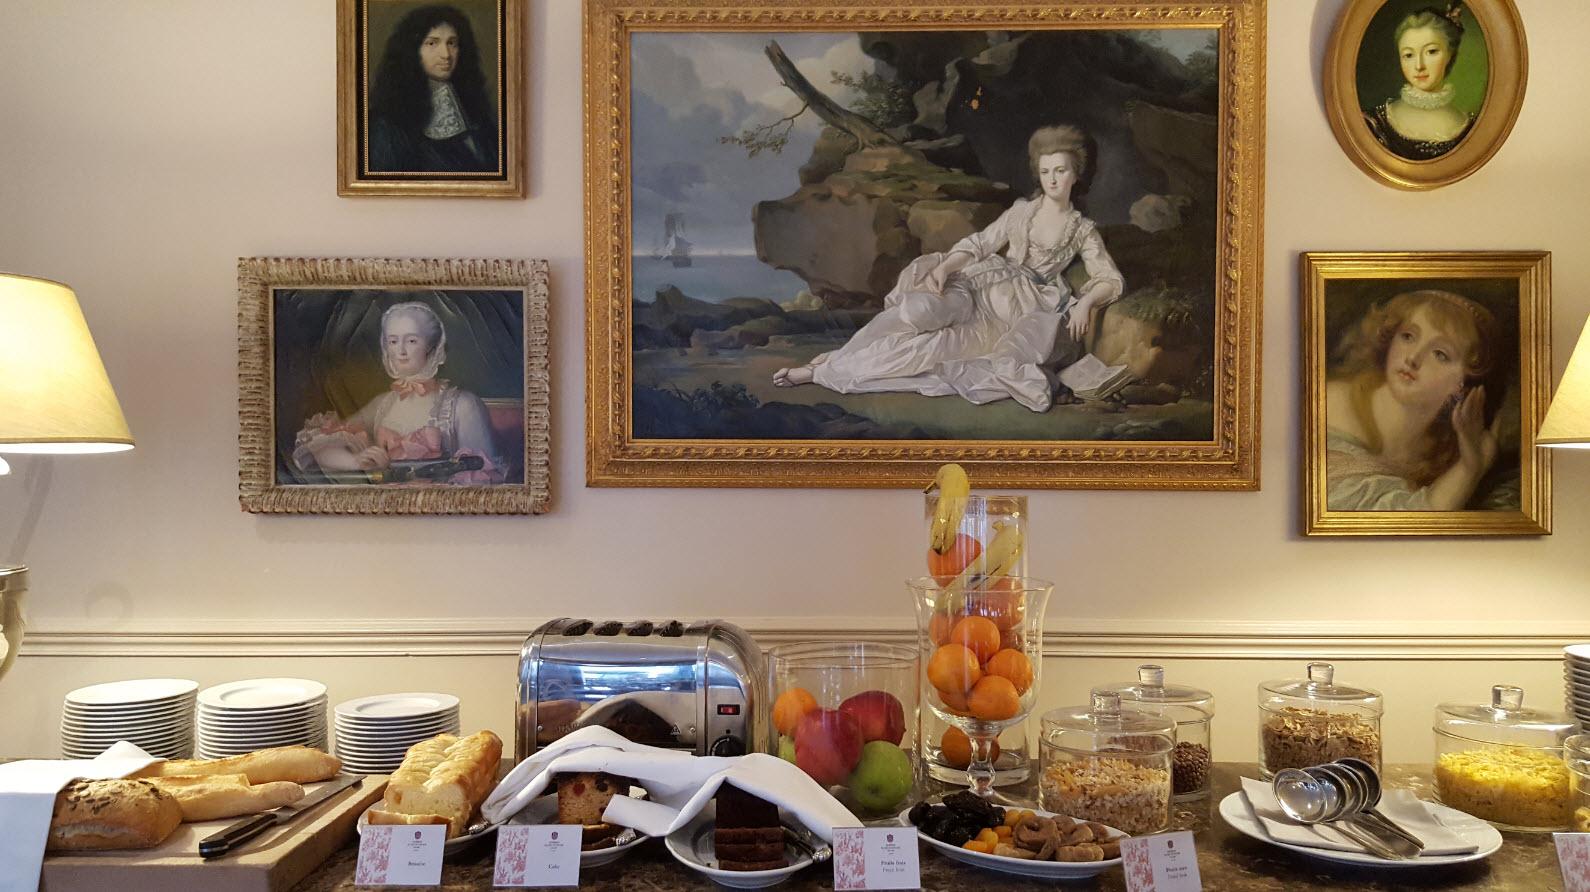 Petit-dejeuner dans cadre historique